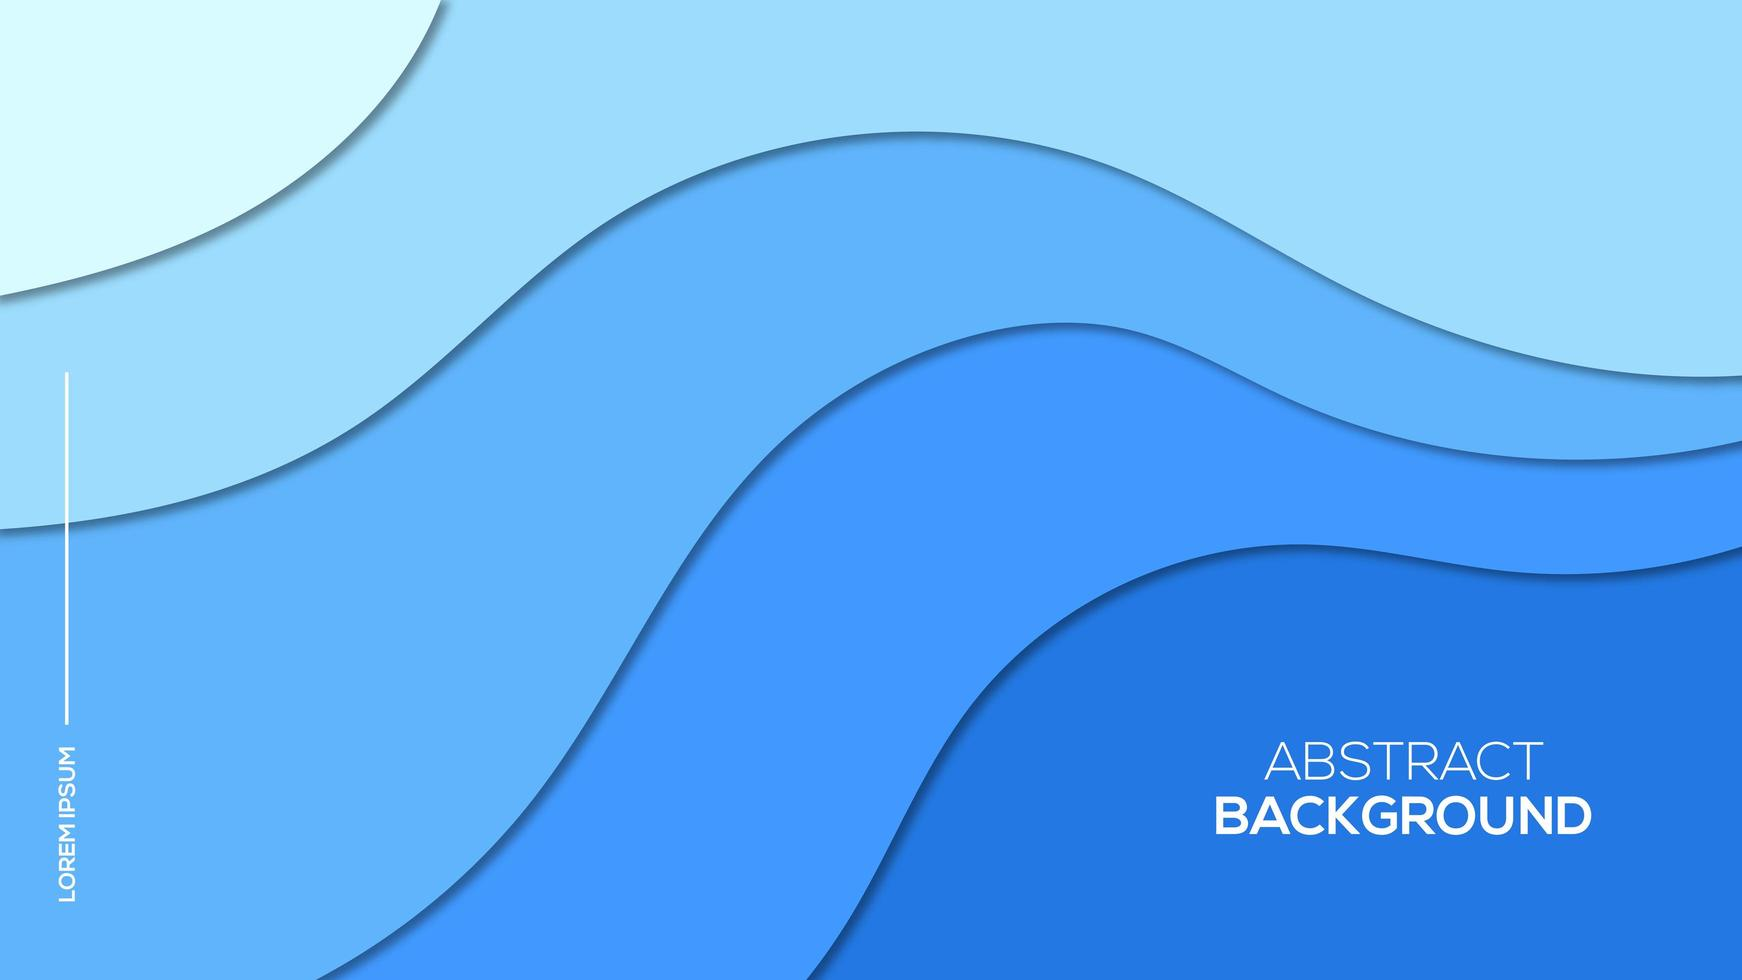 papel 3d azul cortado estilo poster vetor